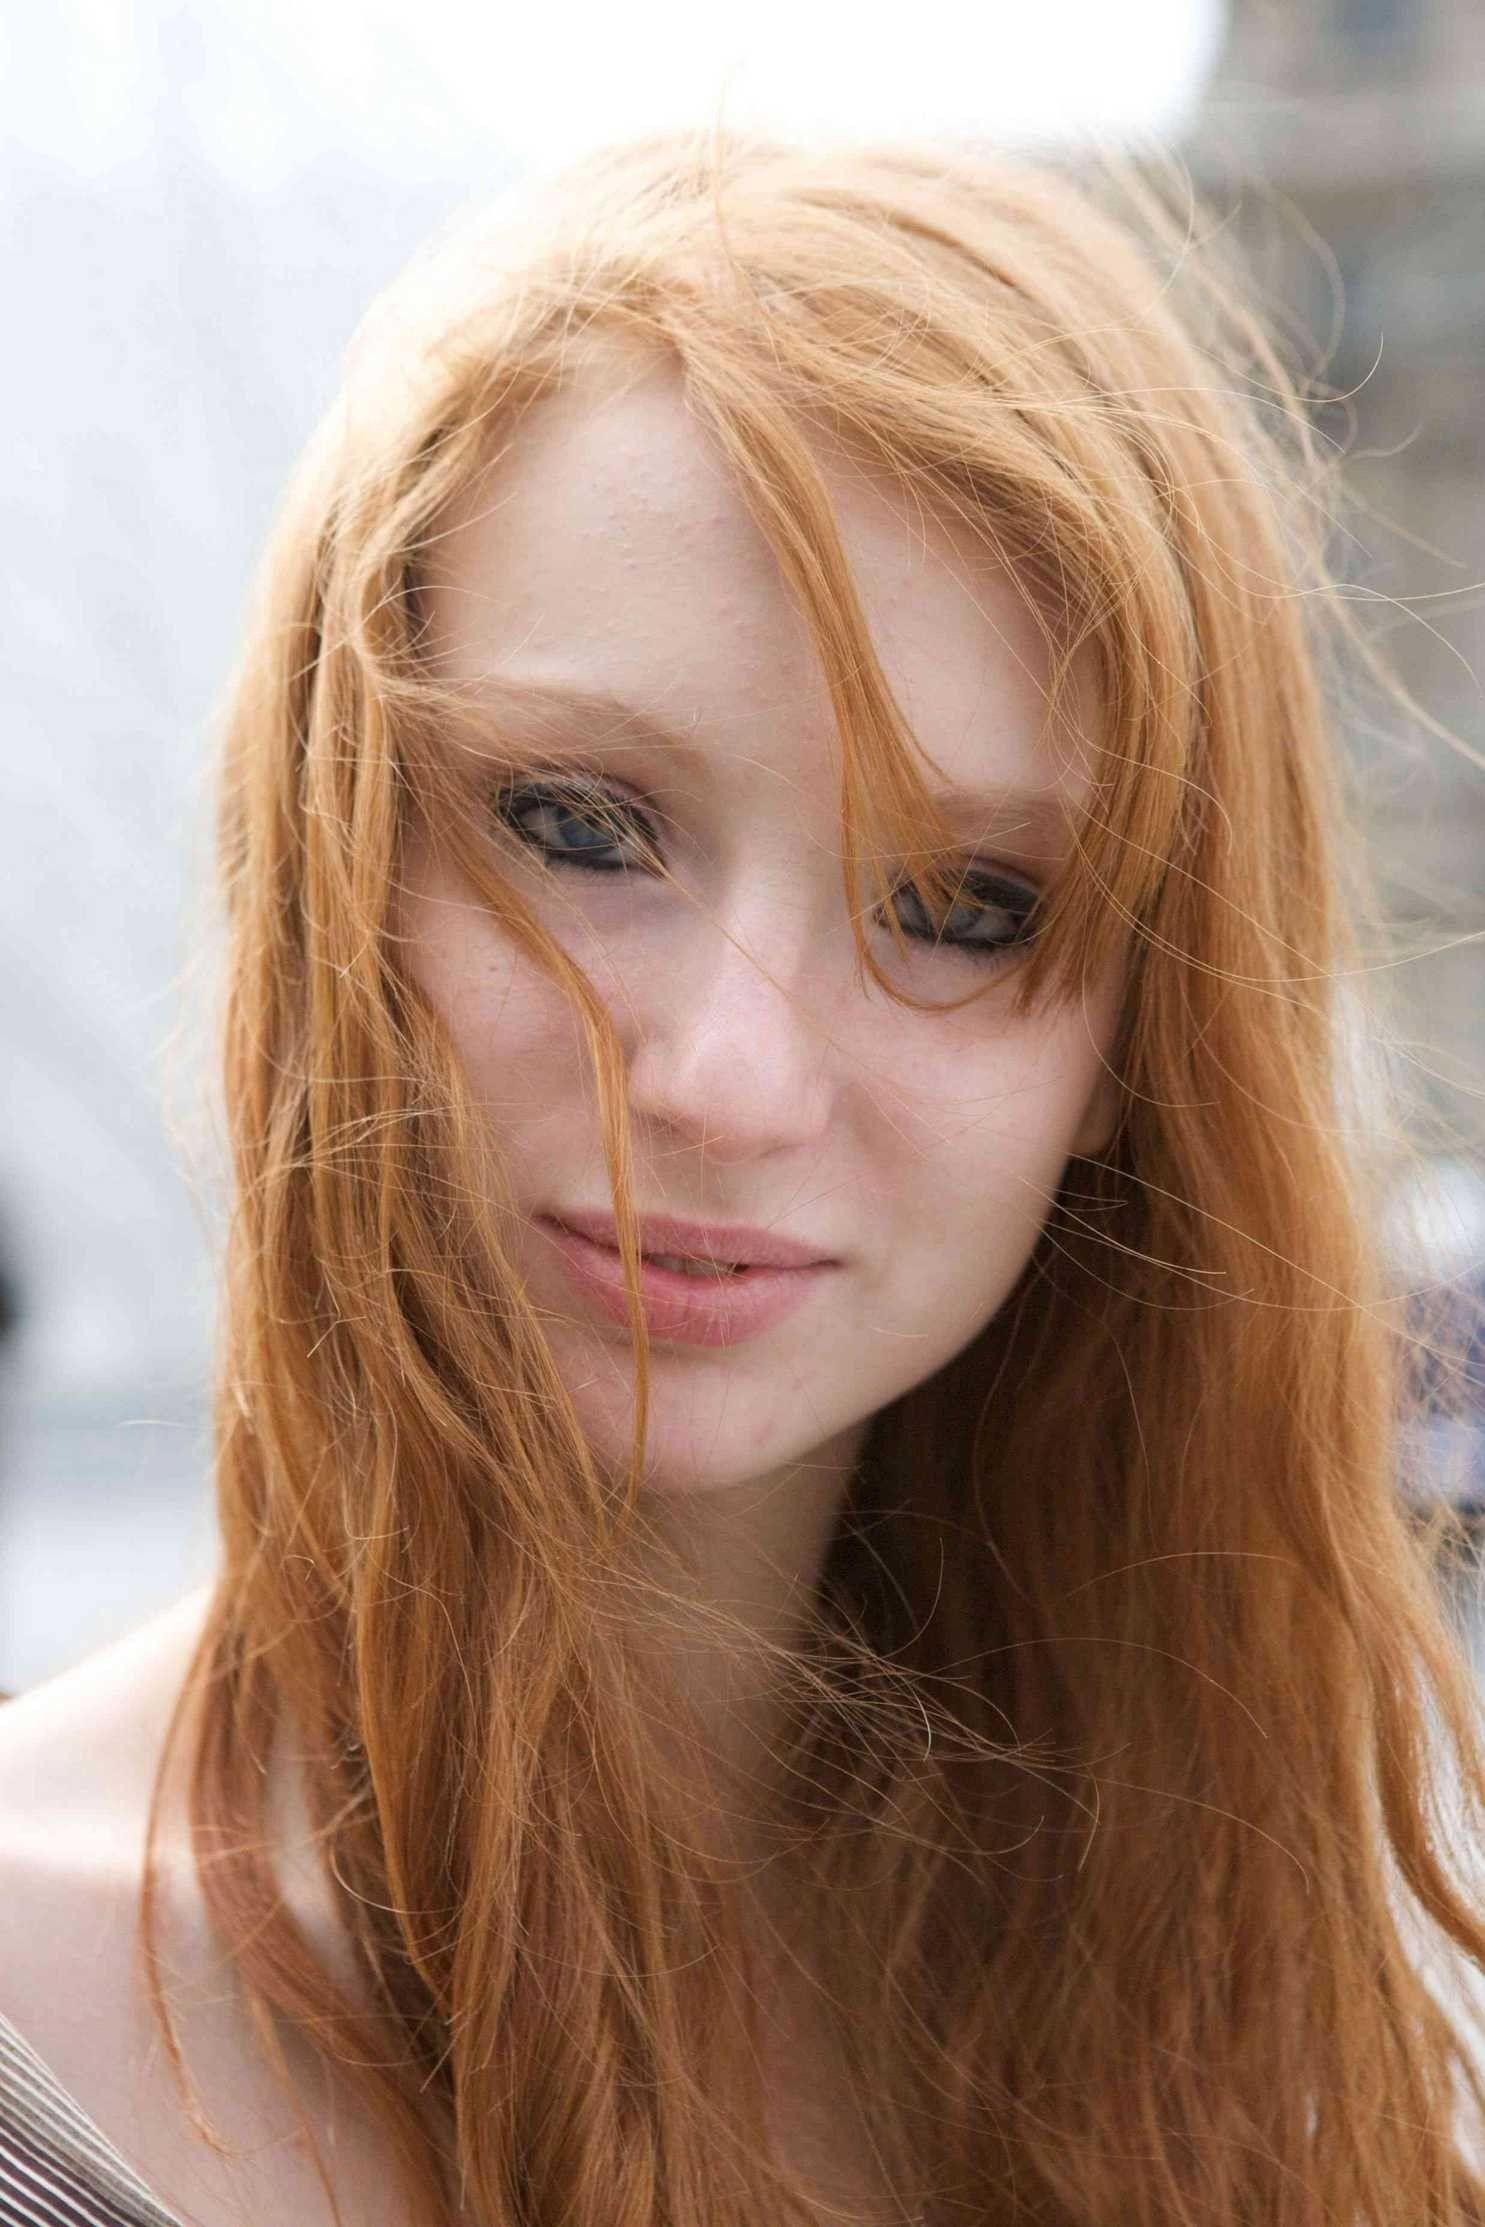 Эро фото рыжих женщин - подборка 009